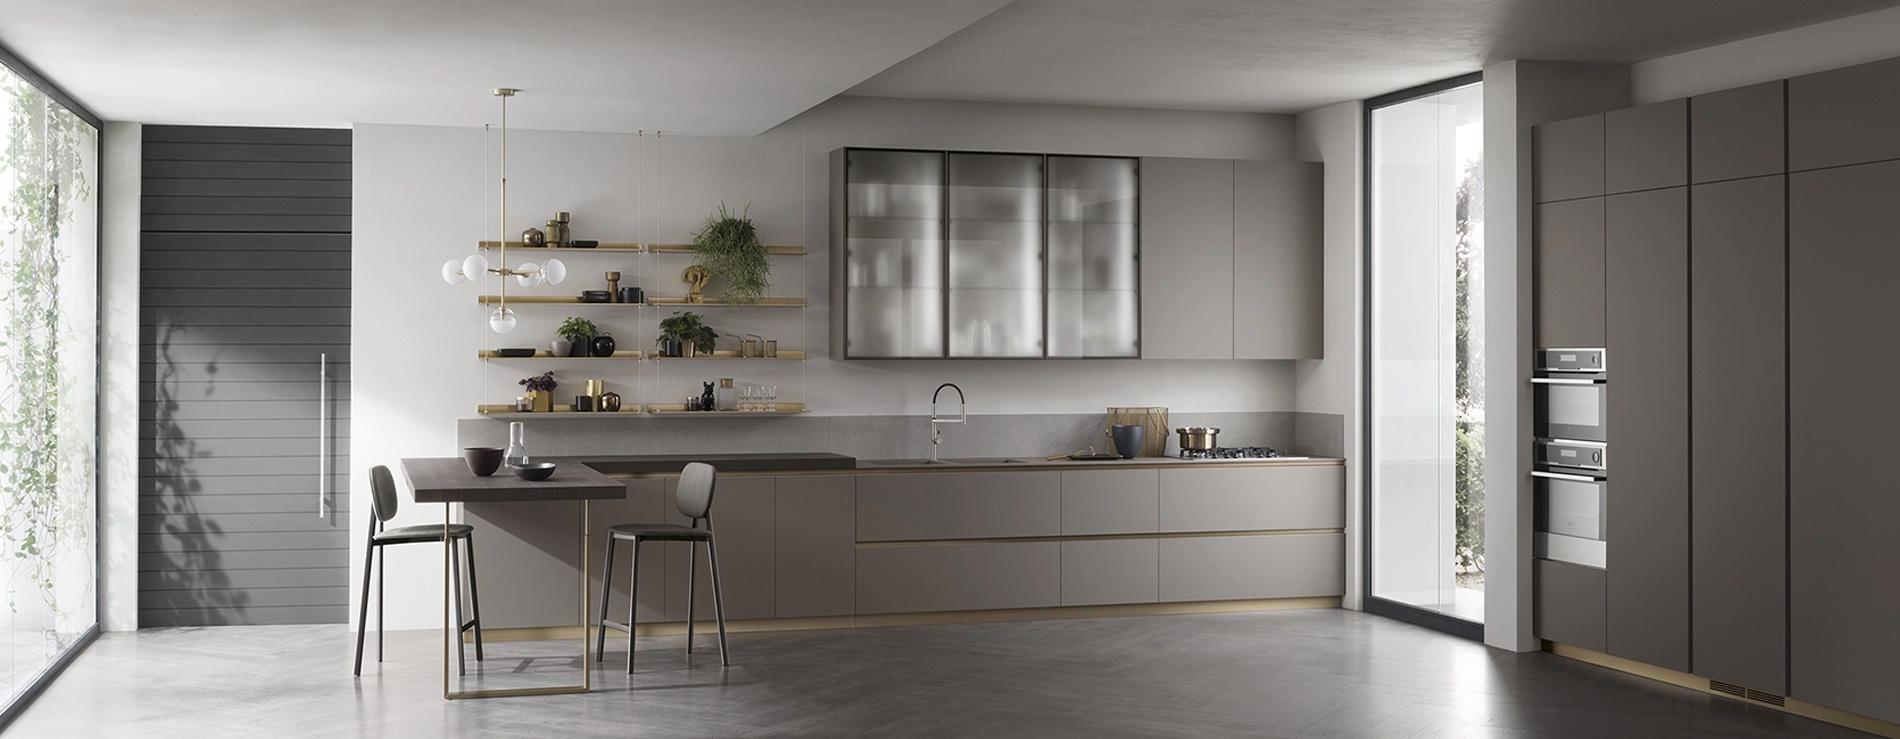 Cucine Bagni e Living Scavolini Pavia Milano Alessandria  Centro Mobili